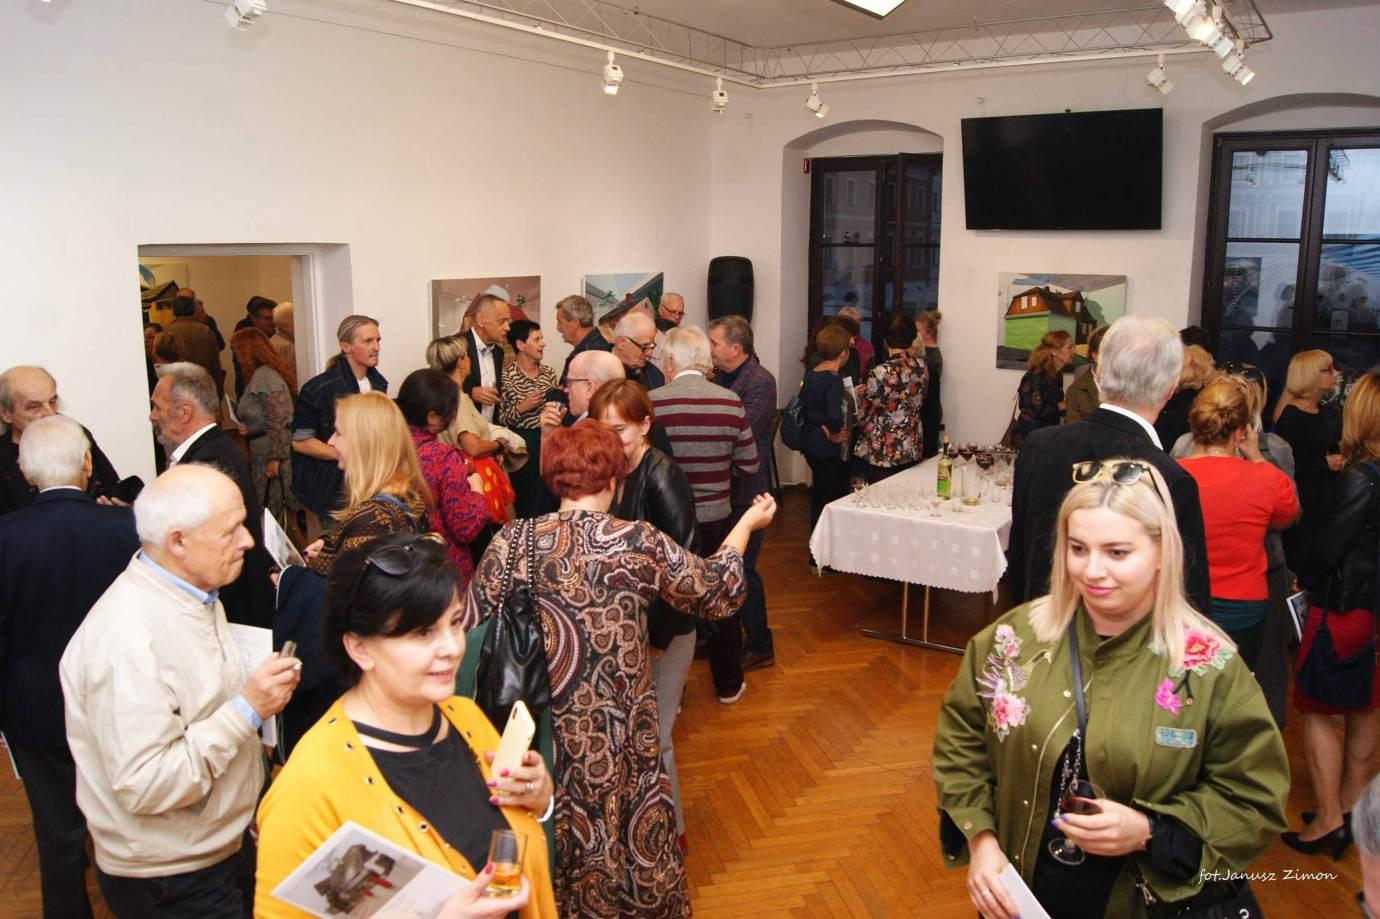 piotr tymochowicz bwa galeria zamojska fot janusz zimon 21 1 Zamość: Wernisaż wystawy Piotra Tymochowicza